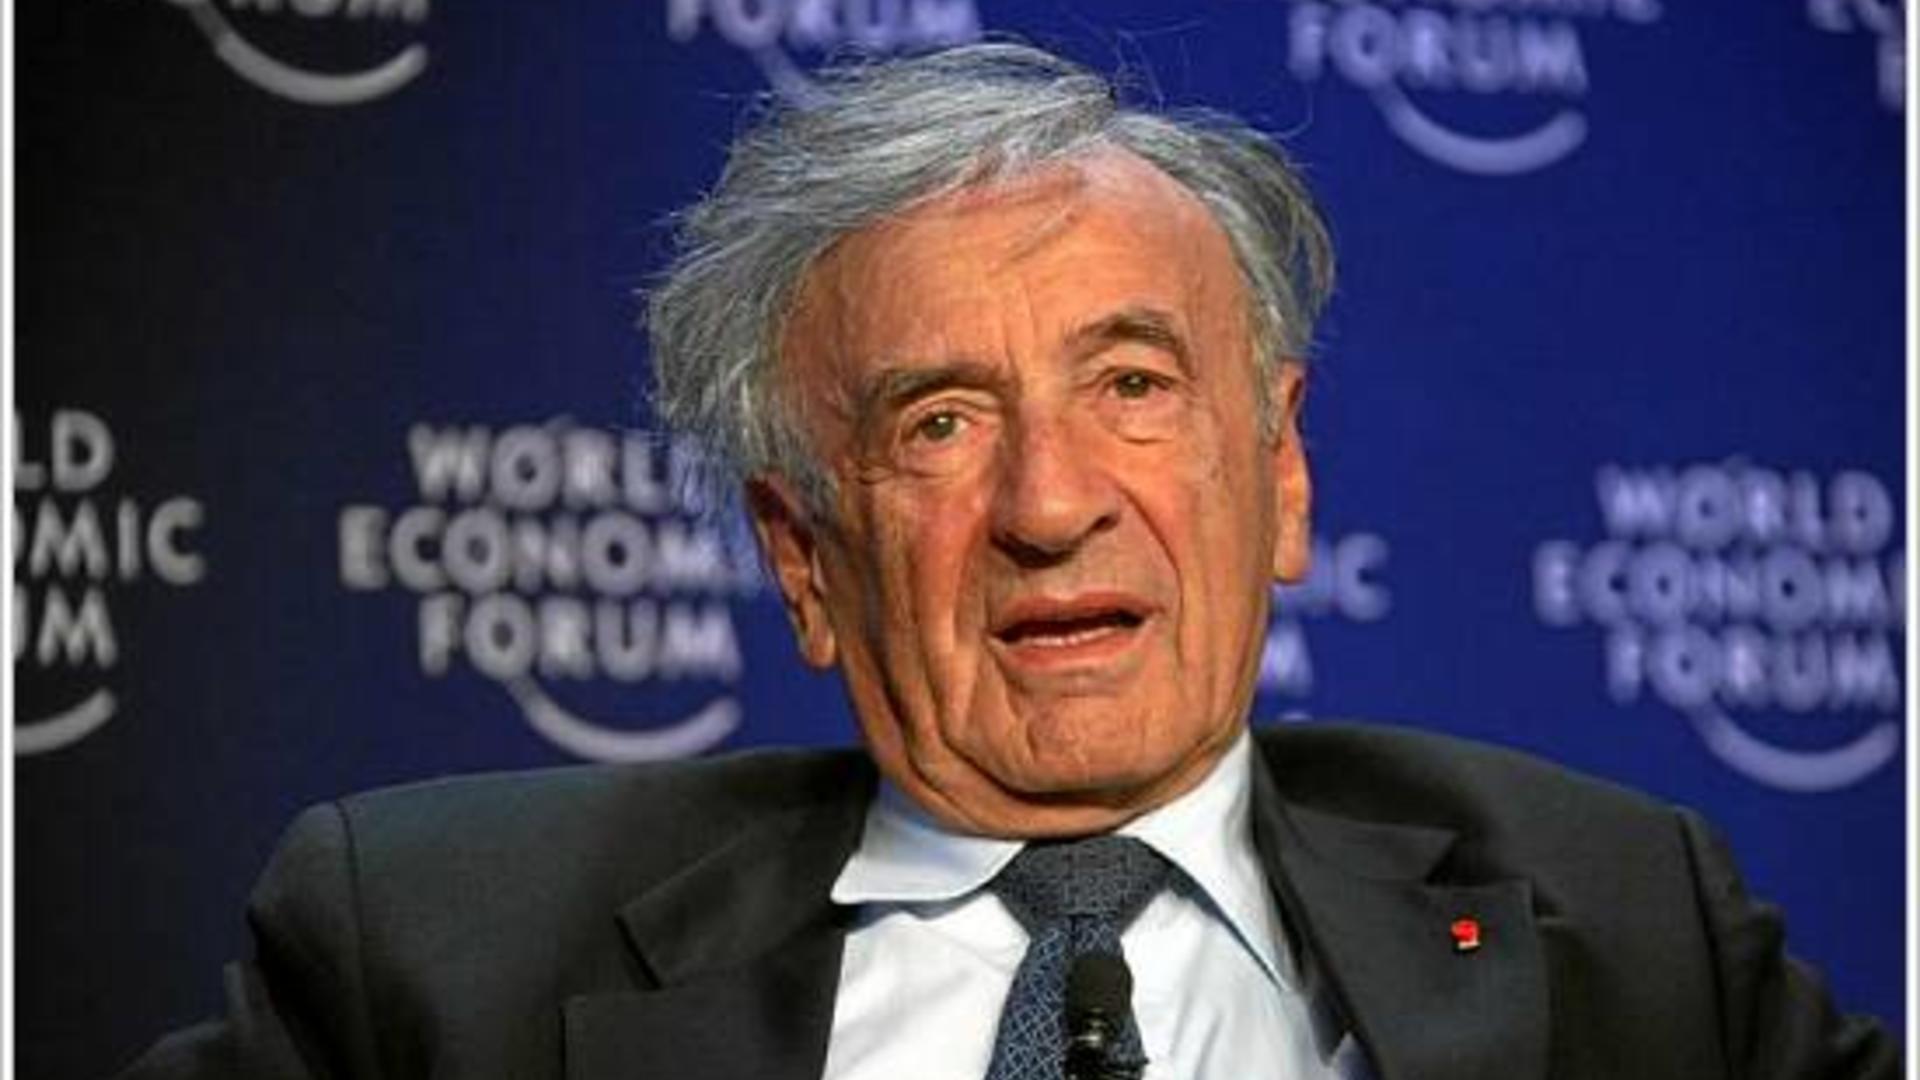 Elie Wiesel in 2007